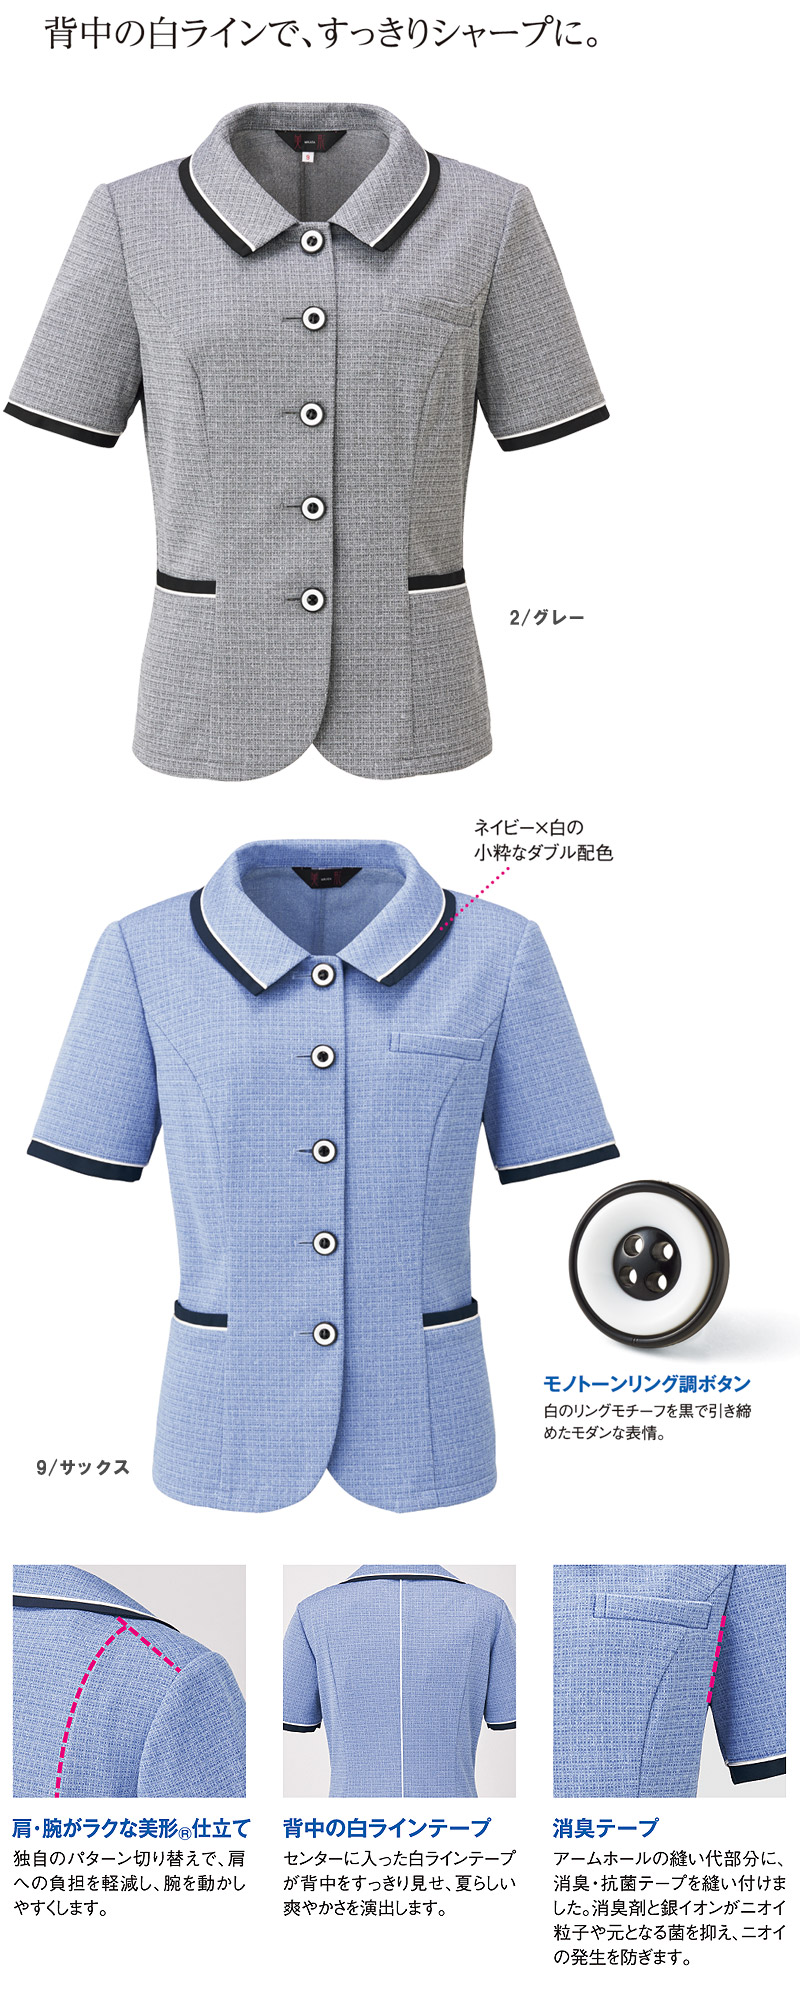 【2色】美形オーバーブラウス(モノトーンリング調ボタン/ヒロインニット)